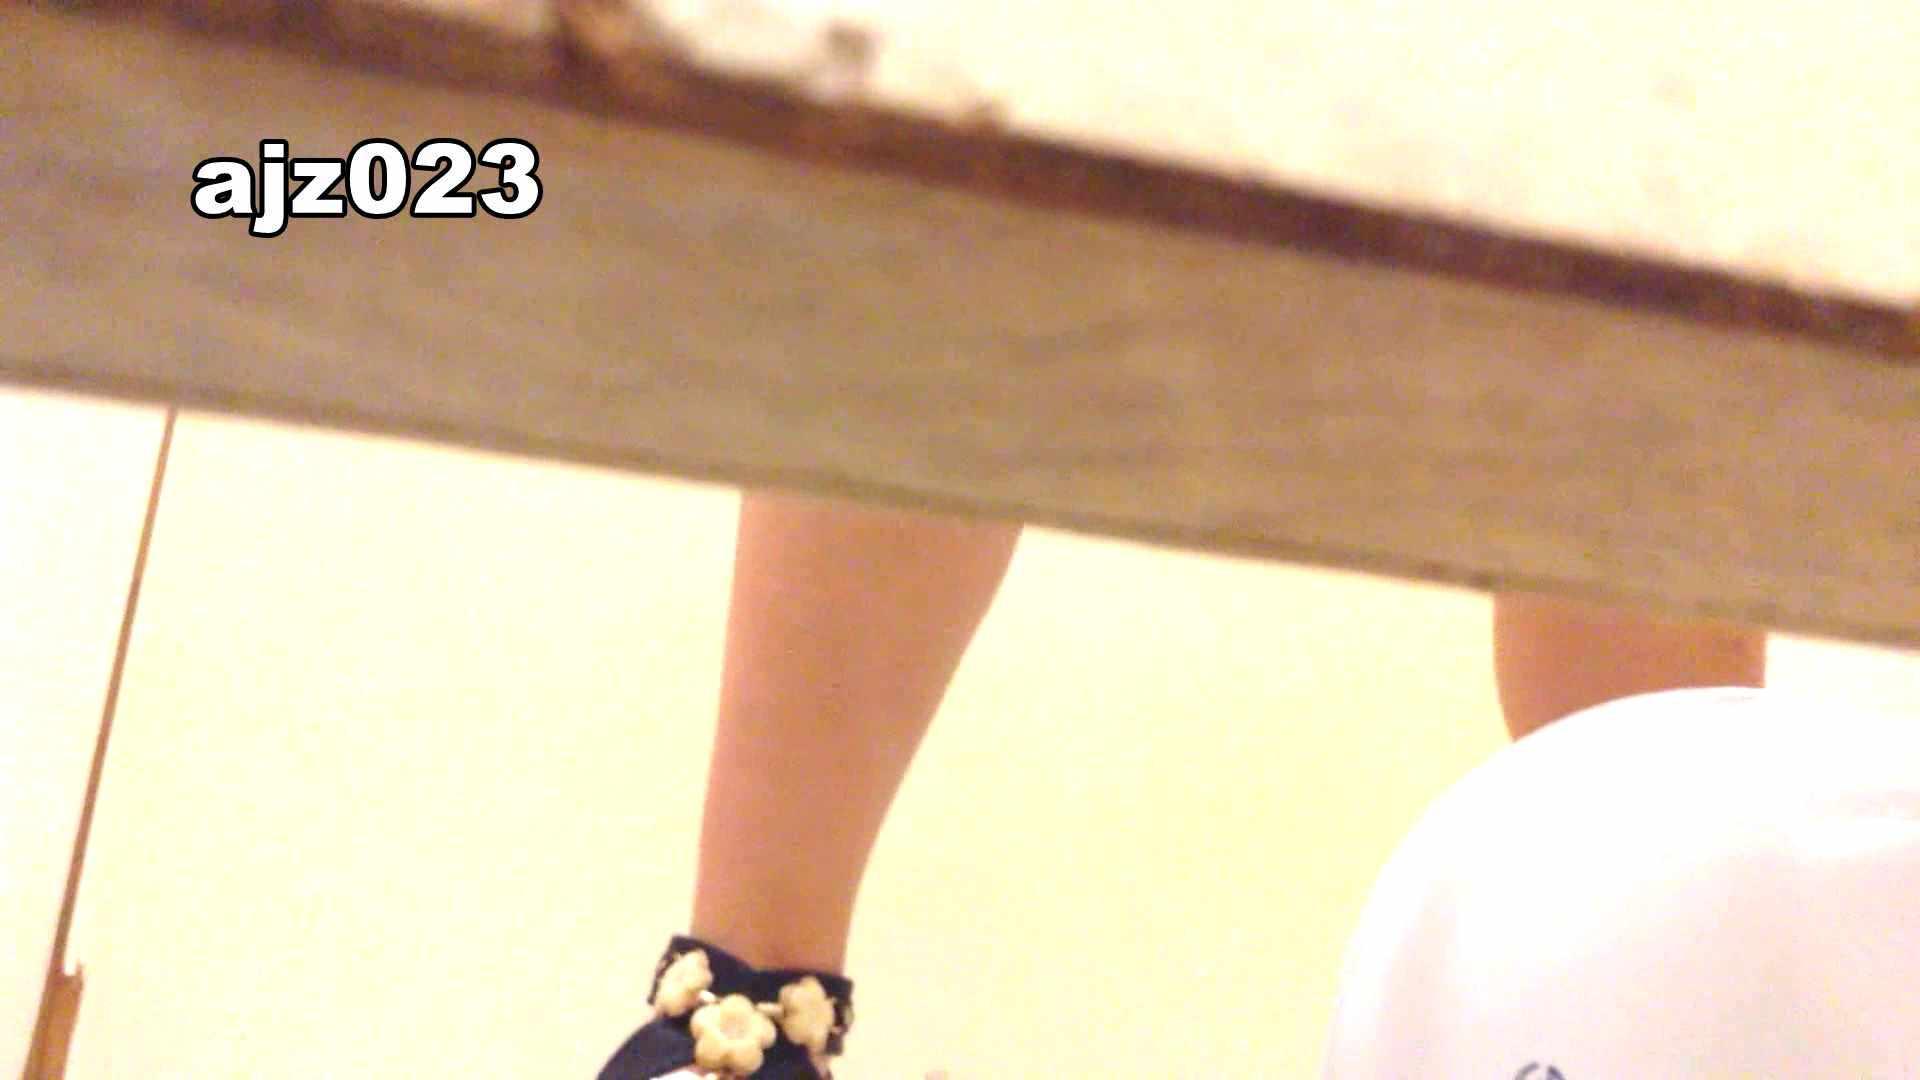 某有名大学女性洗面所 vol.23 洗面所 | HなOL  98pic 53